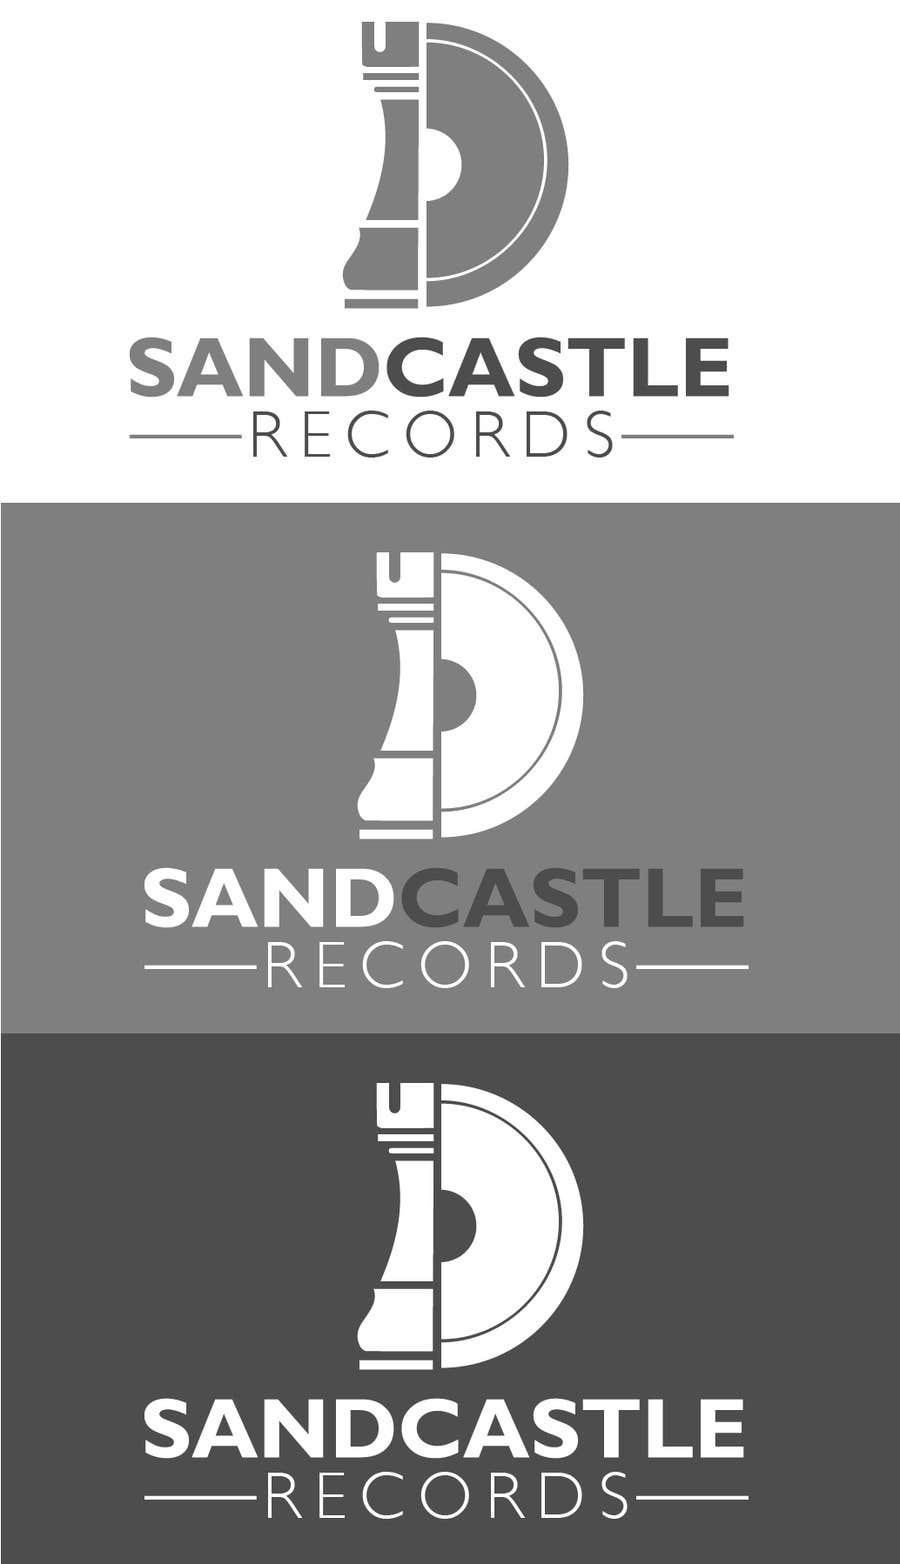 Inscrição nº                                         11                                      do Concurso para                                         Sandcastle Records